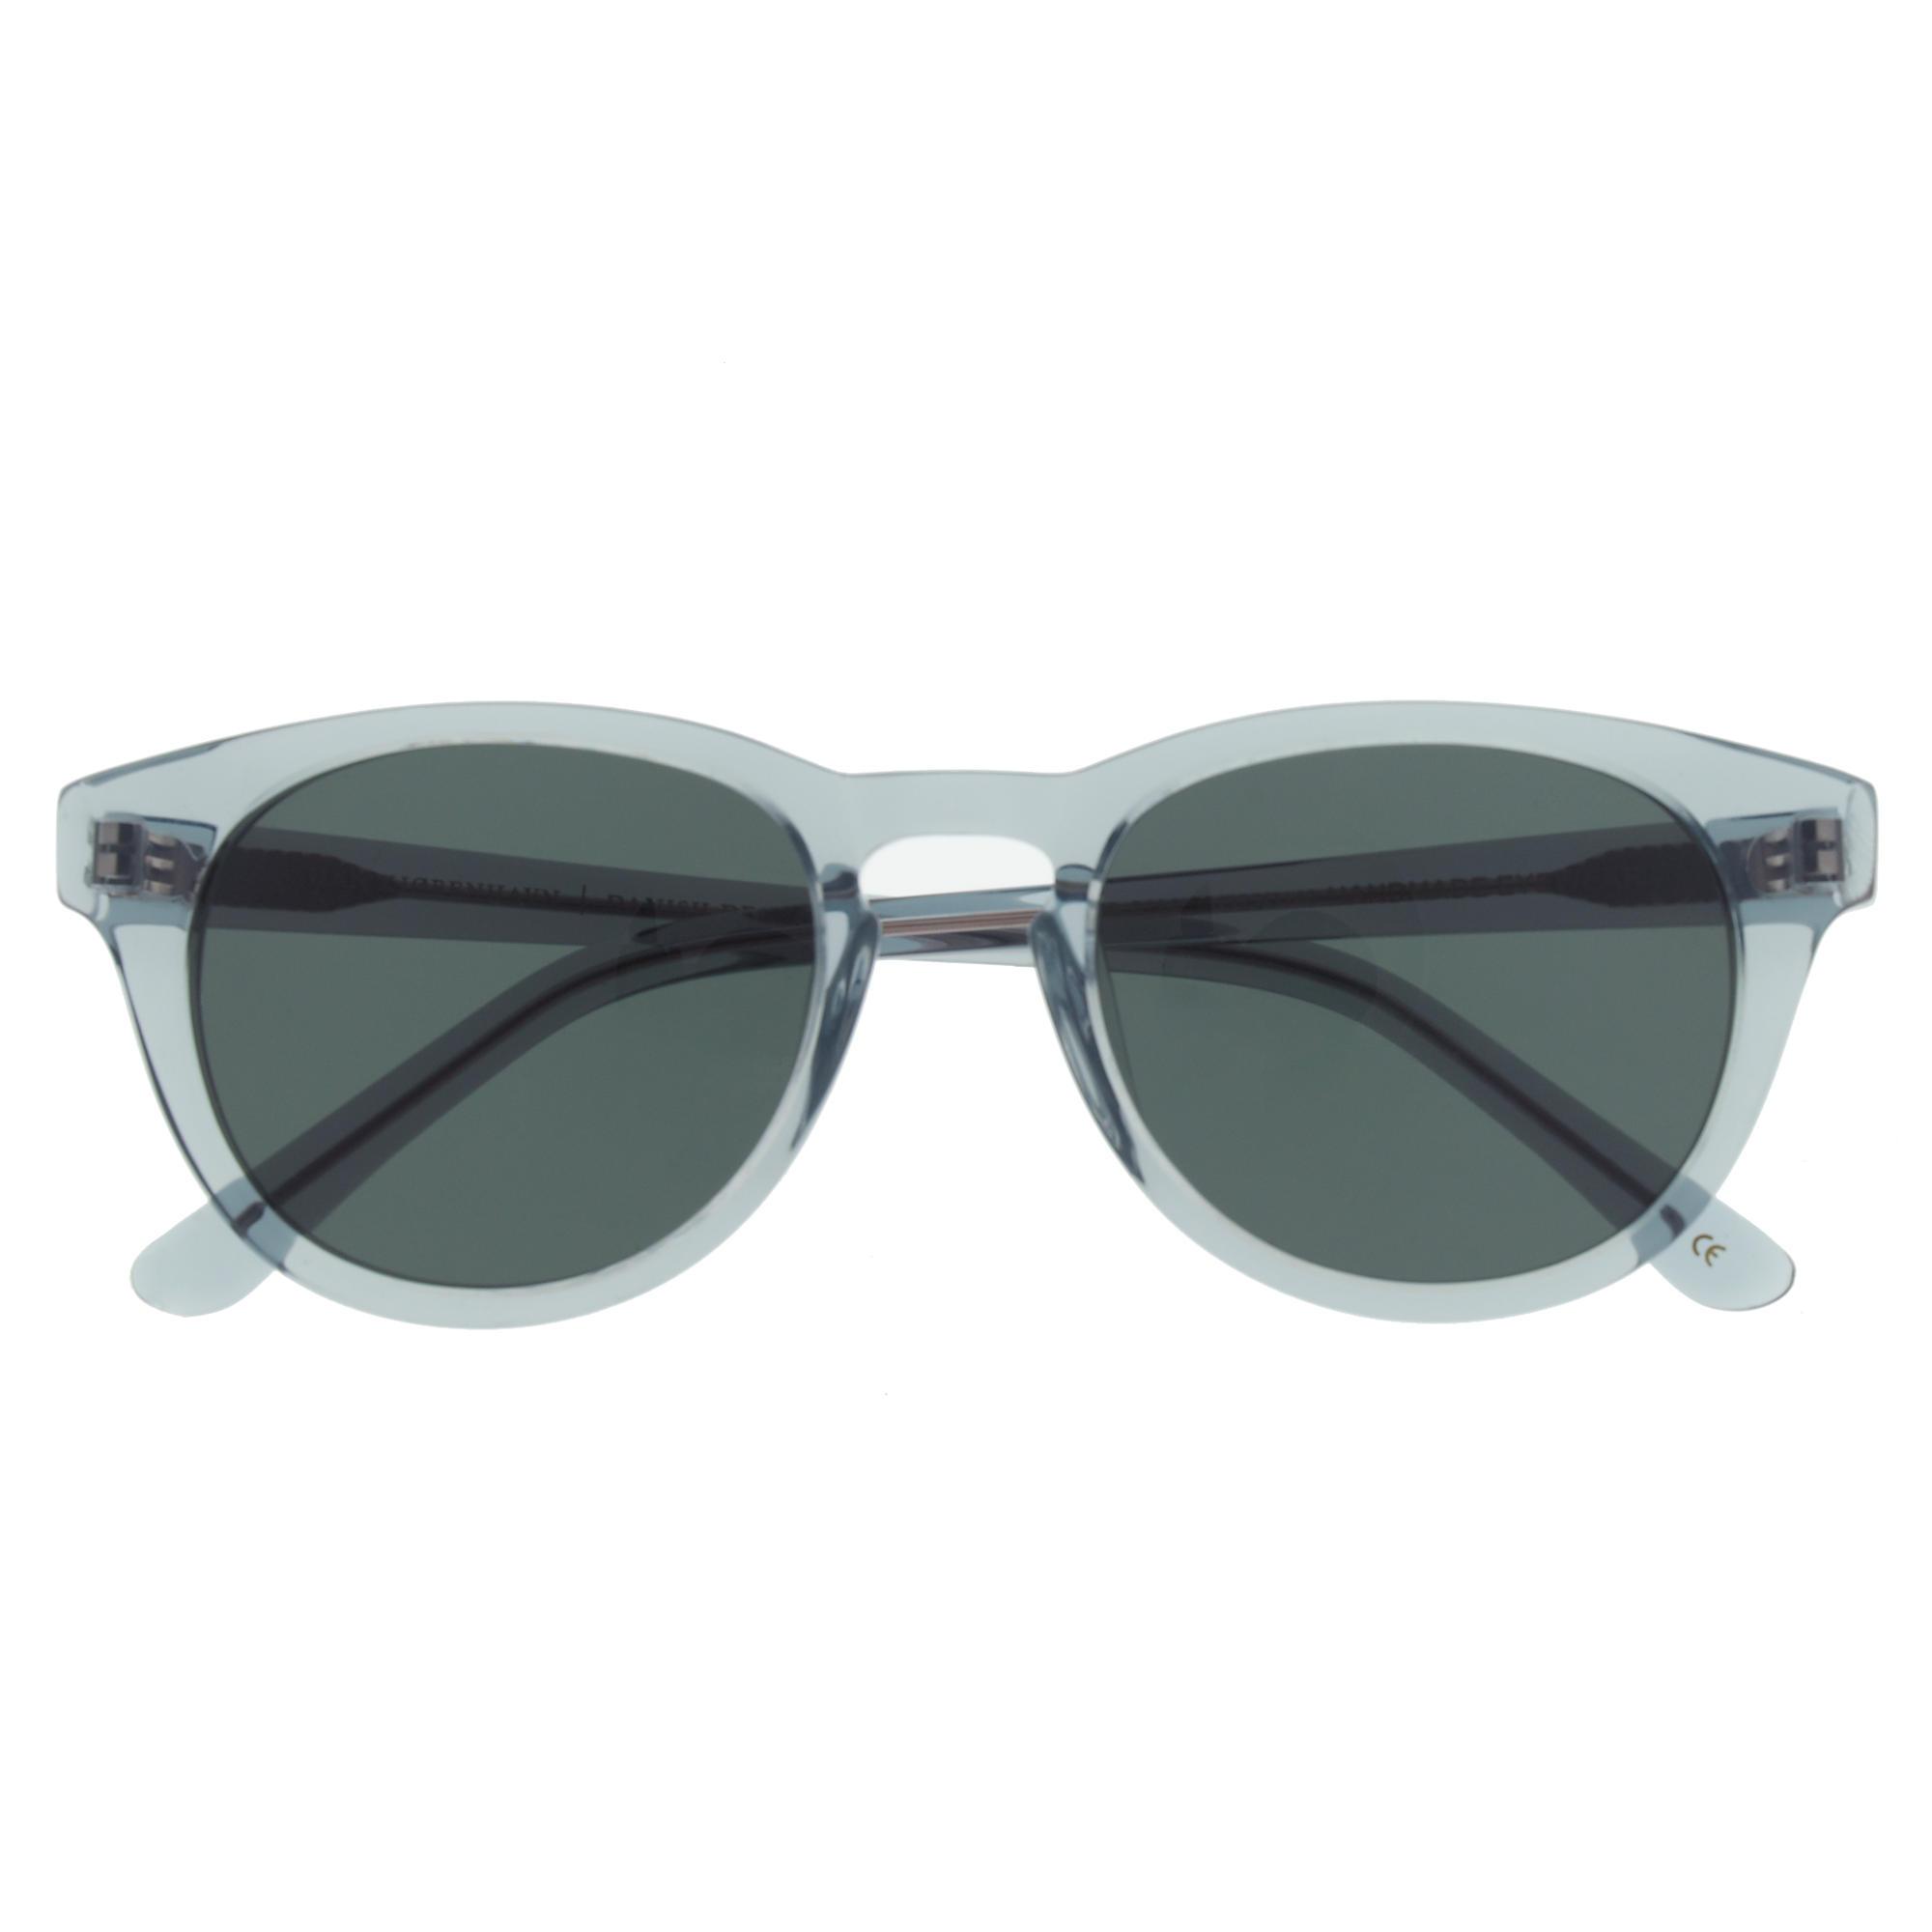 Han Sunglasses  j crew han kj?benhavn timeless sunglasses in gray for men lyst